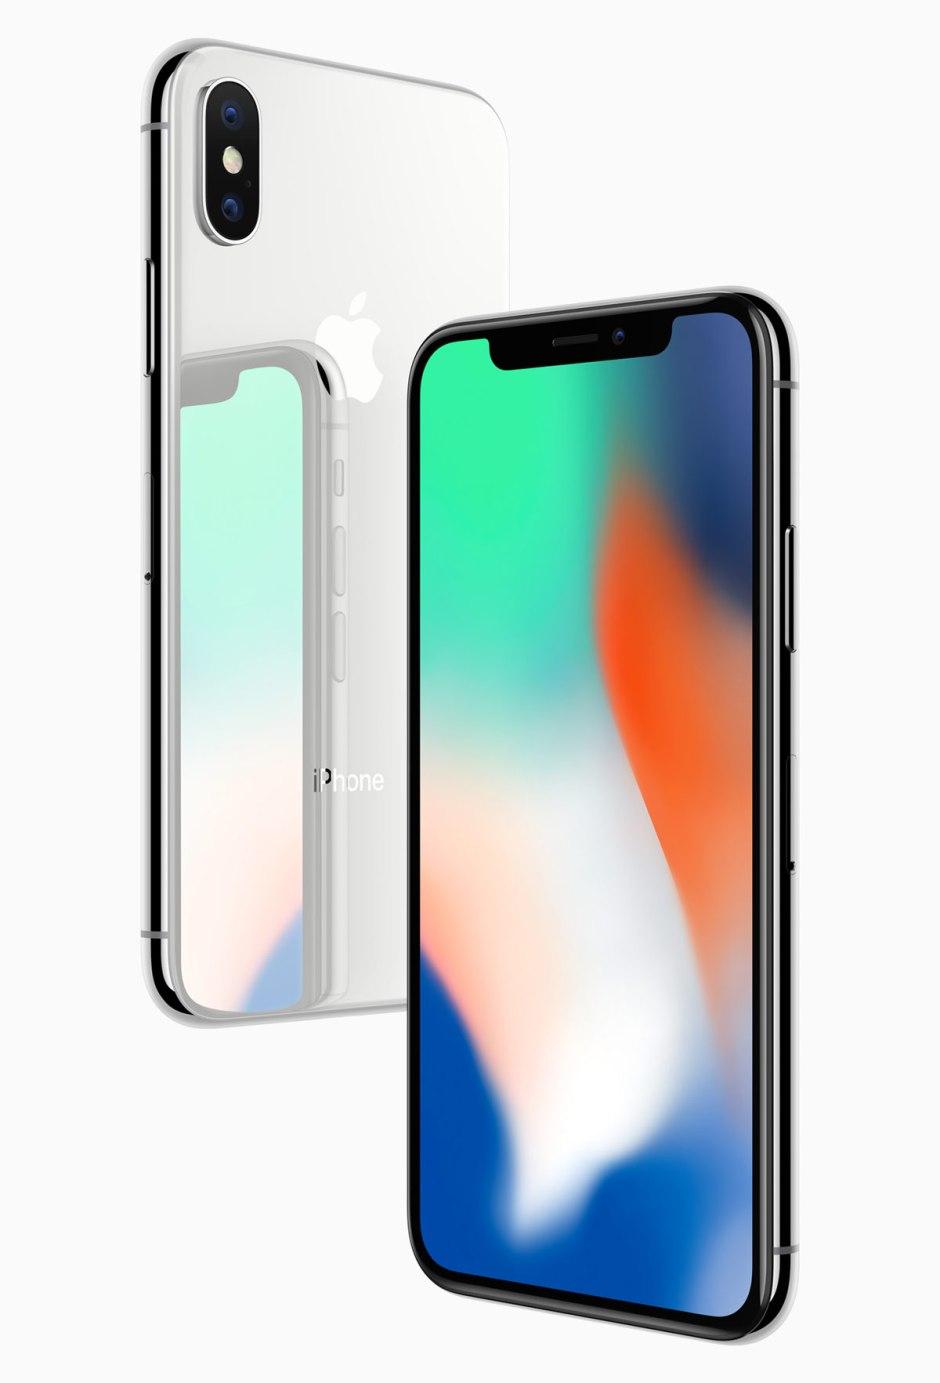 L'iPhone X possède un écran super Retina OLED de 2436 x1125 pixels.